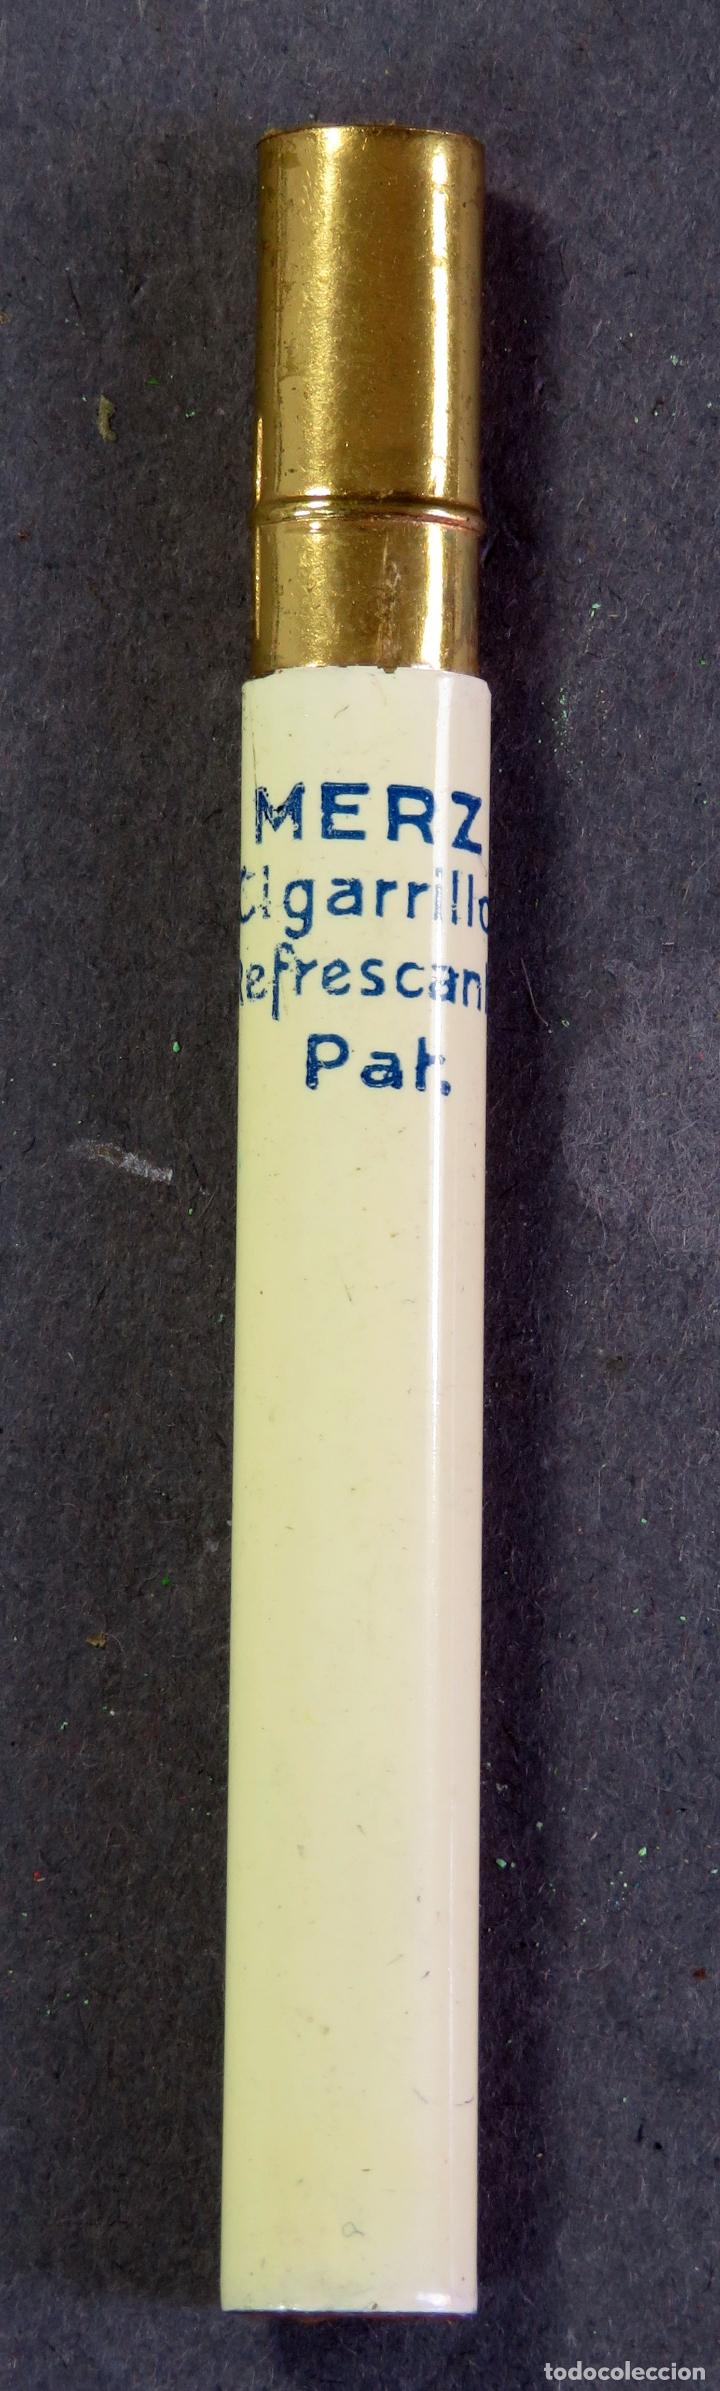 Escribanía: Lápiz publicidad Merz Cigarrillo refrescante con funda años 40 - 50 - Foto 2 - 180469031